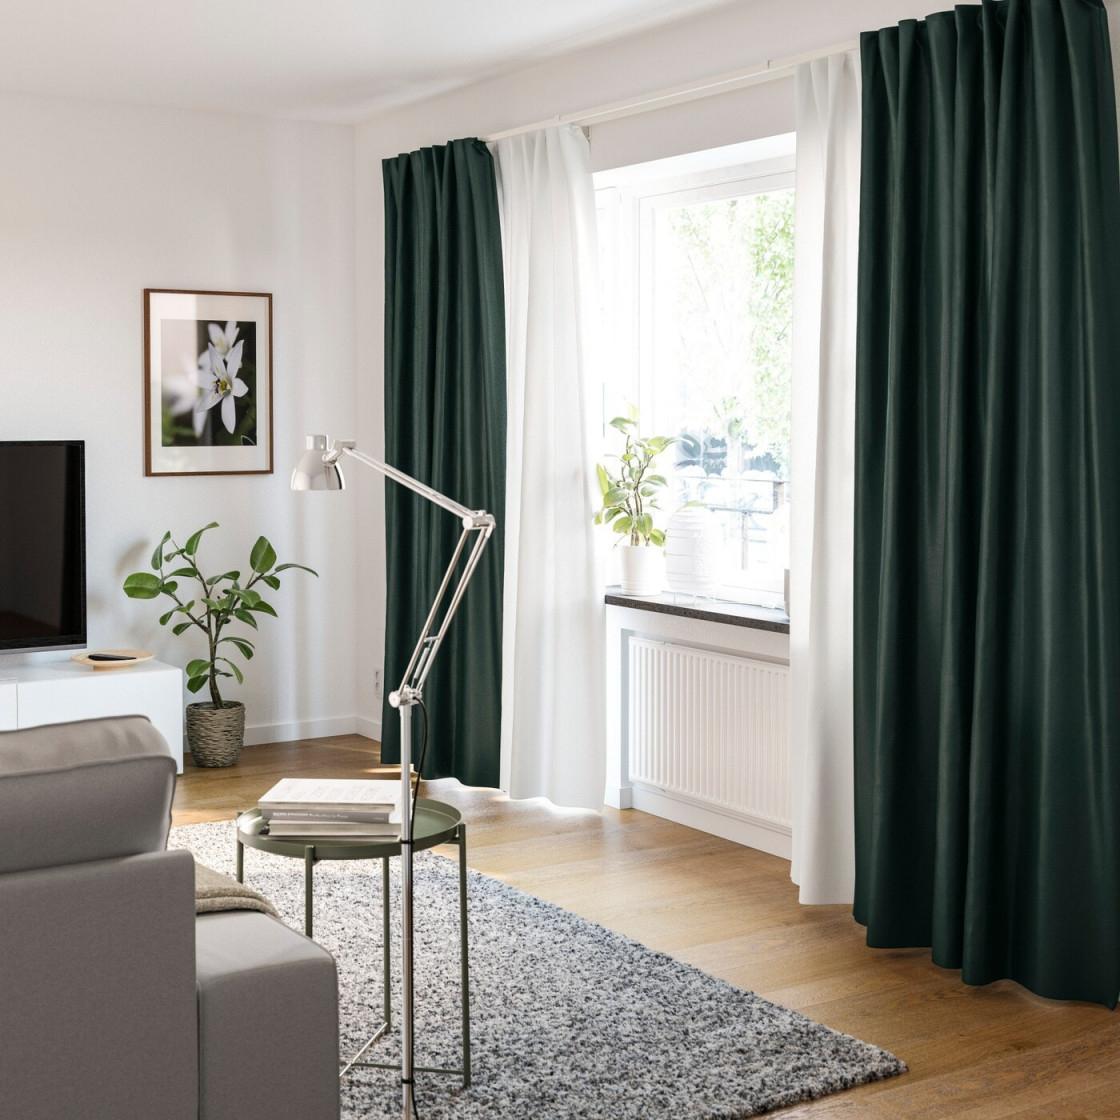 Gardinenideen Inspirationen Für Dein Zuhause  Ikea von Vorhänge Für Wohnzimmer Ideen Photo